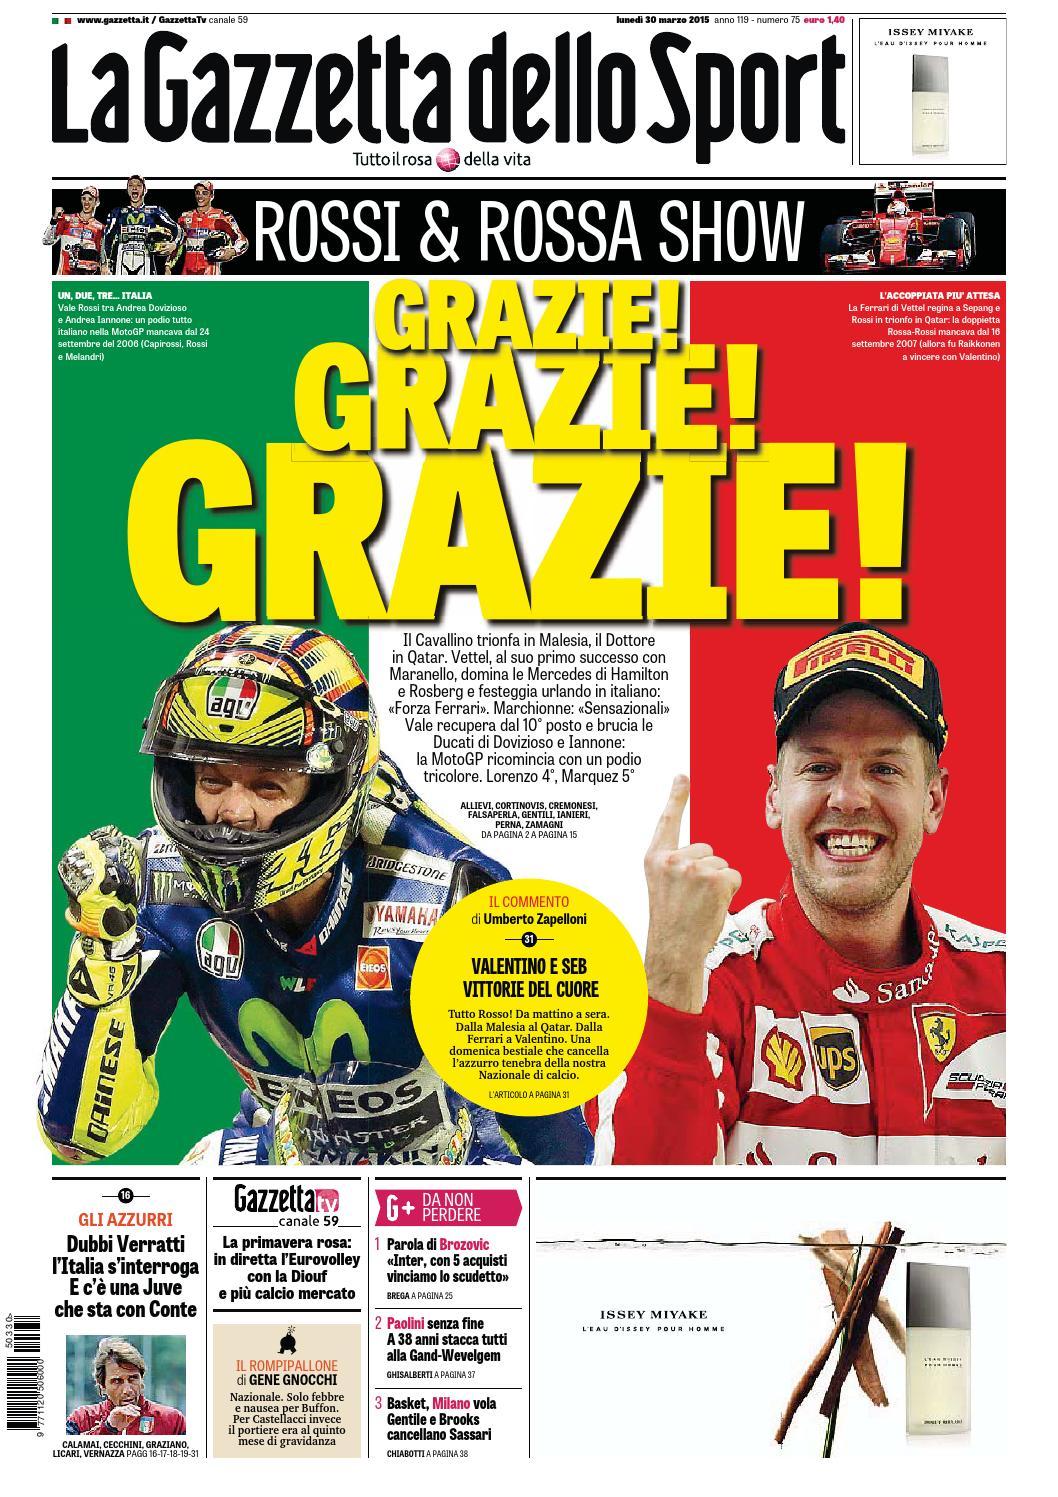 La Gazzetta dello Sport (03-30-2015) by Nguyen Duc Thinh - issuu dfdcb7f472bc3